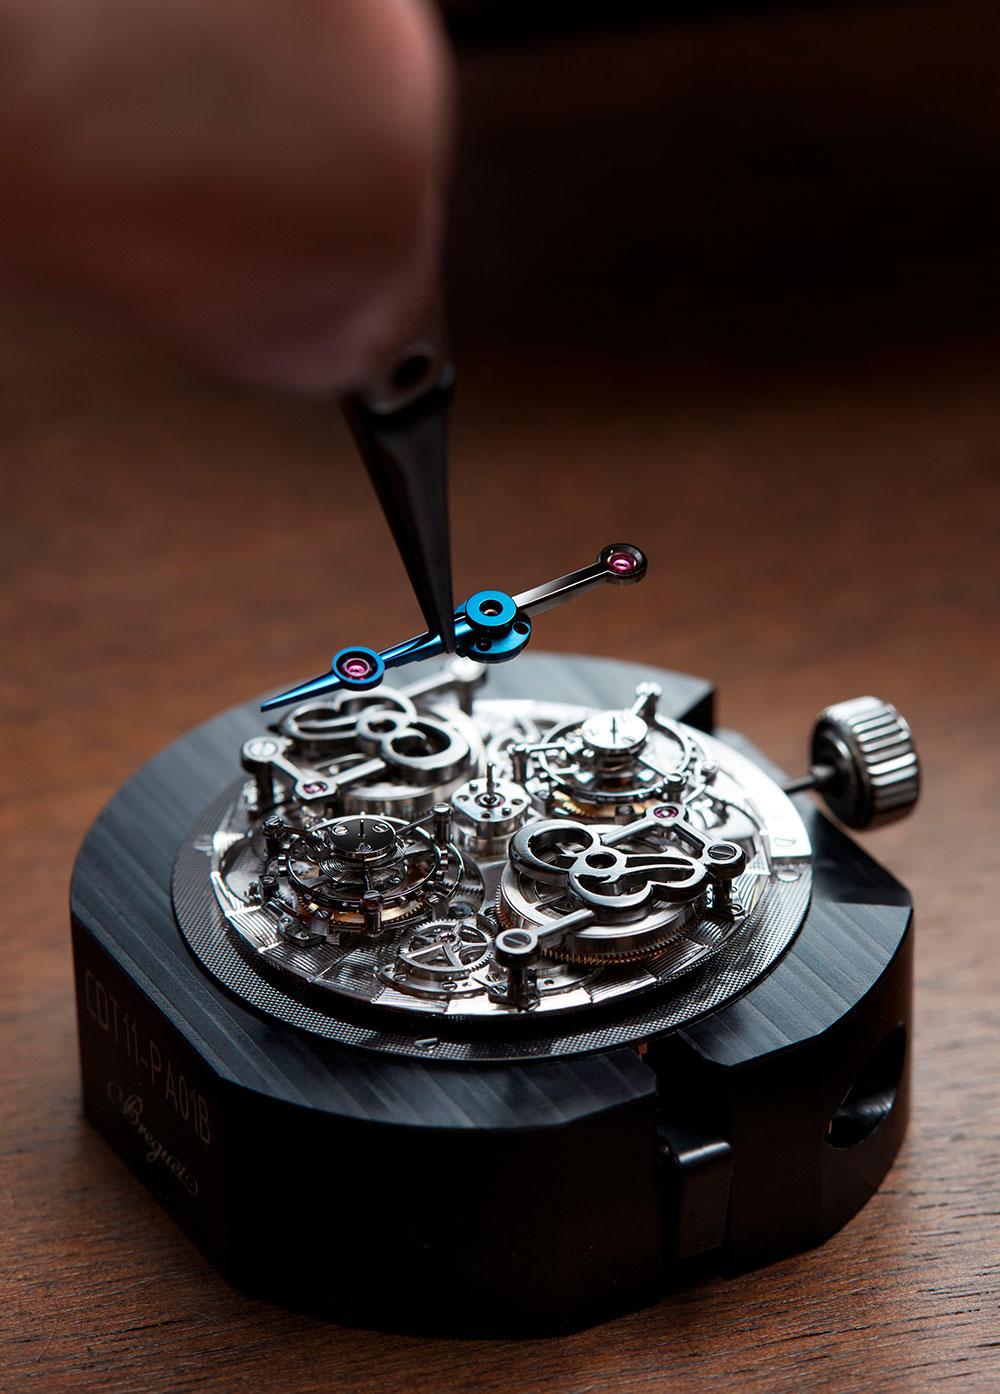 """Montaje de la manecilla de horas del Breguet Classique Double Tourbillon 5345 """"Quai de l'Horloge"""""""